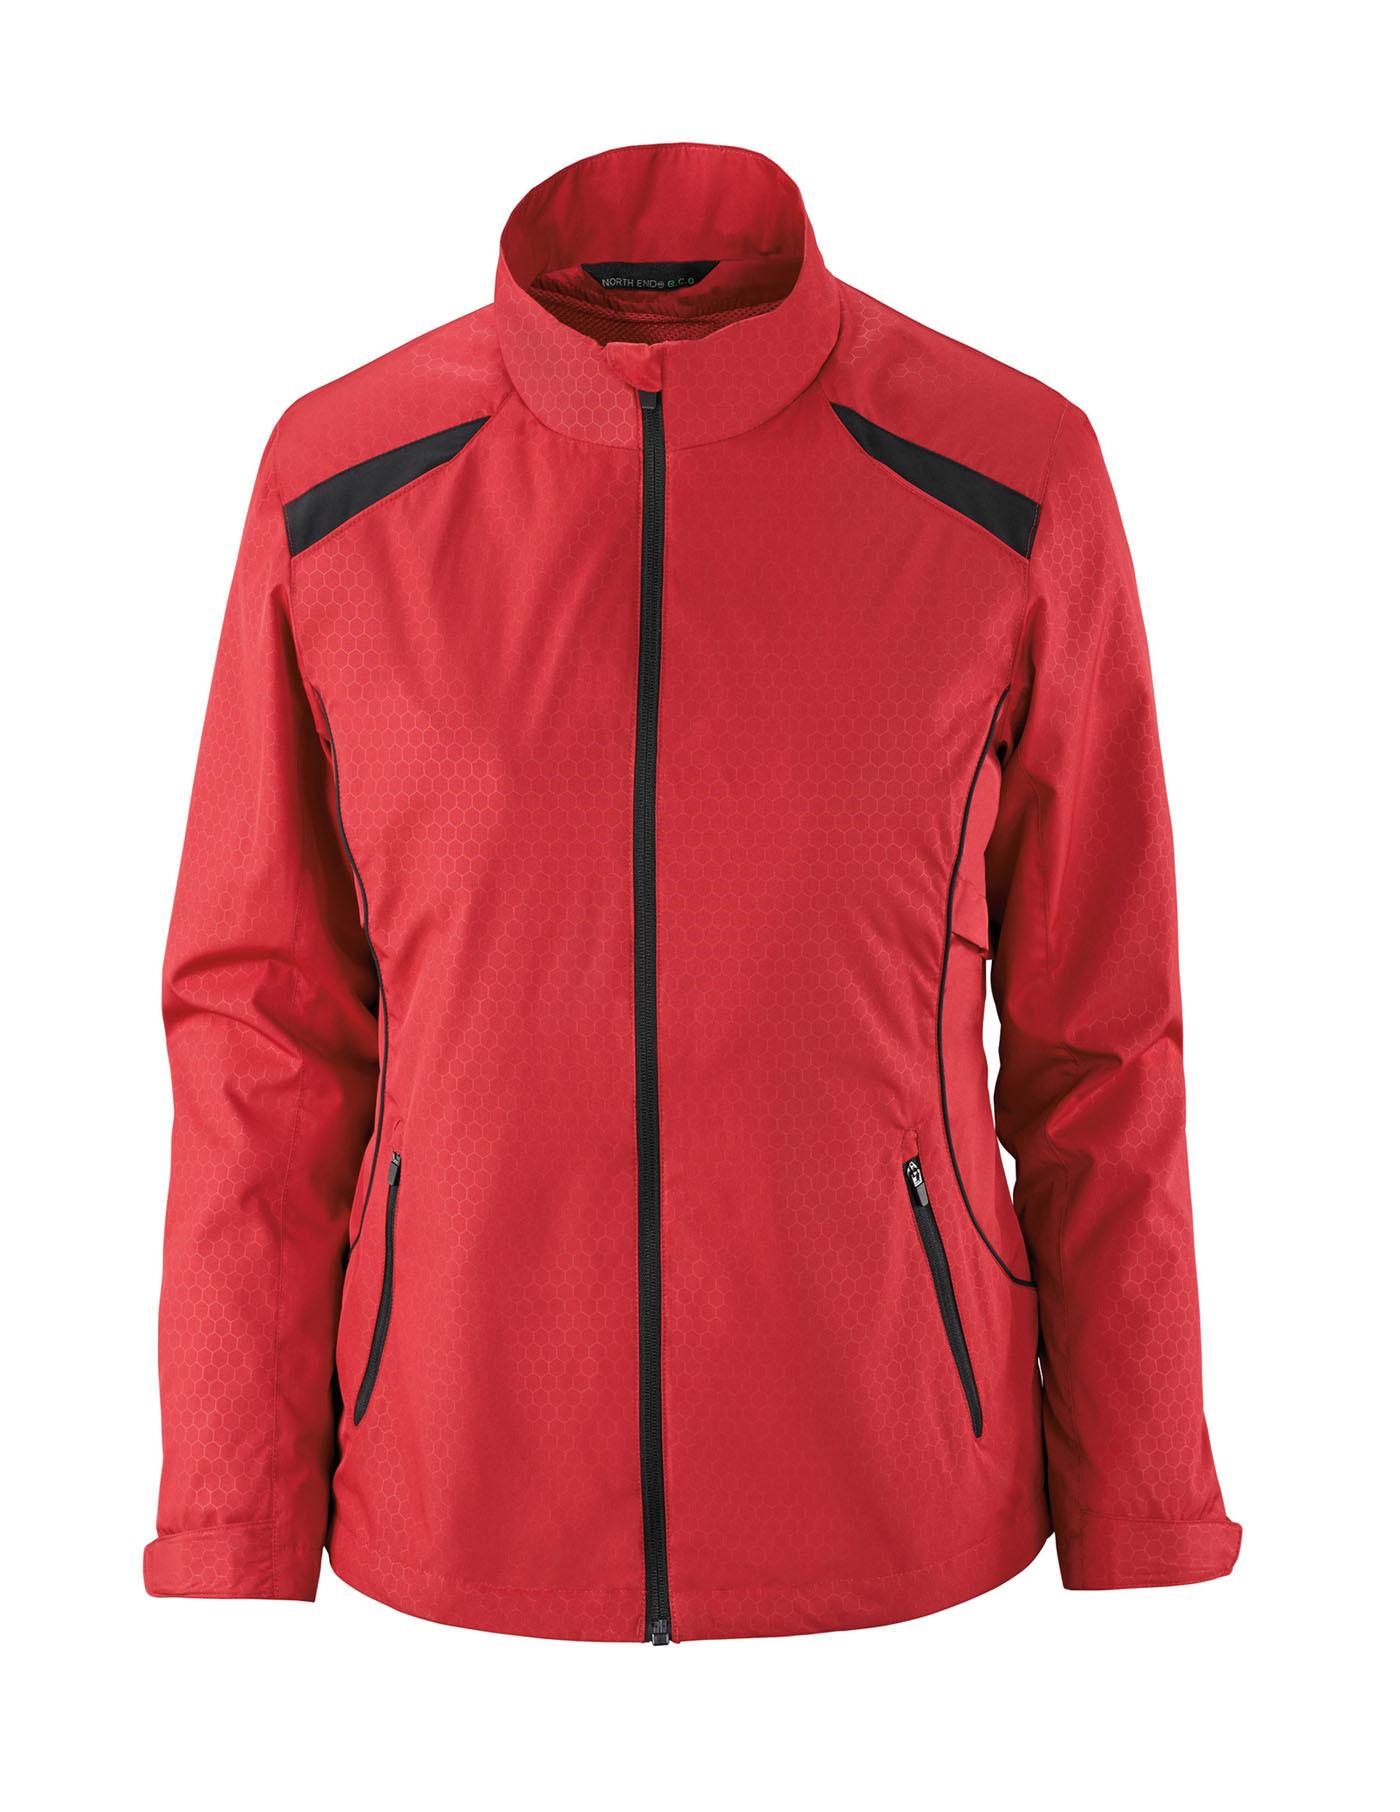 Ash City e.c.o Outerwear 78188 - Tempo Jacket Ladies'...